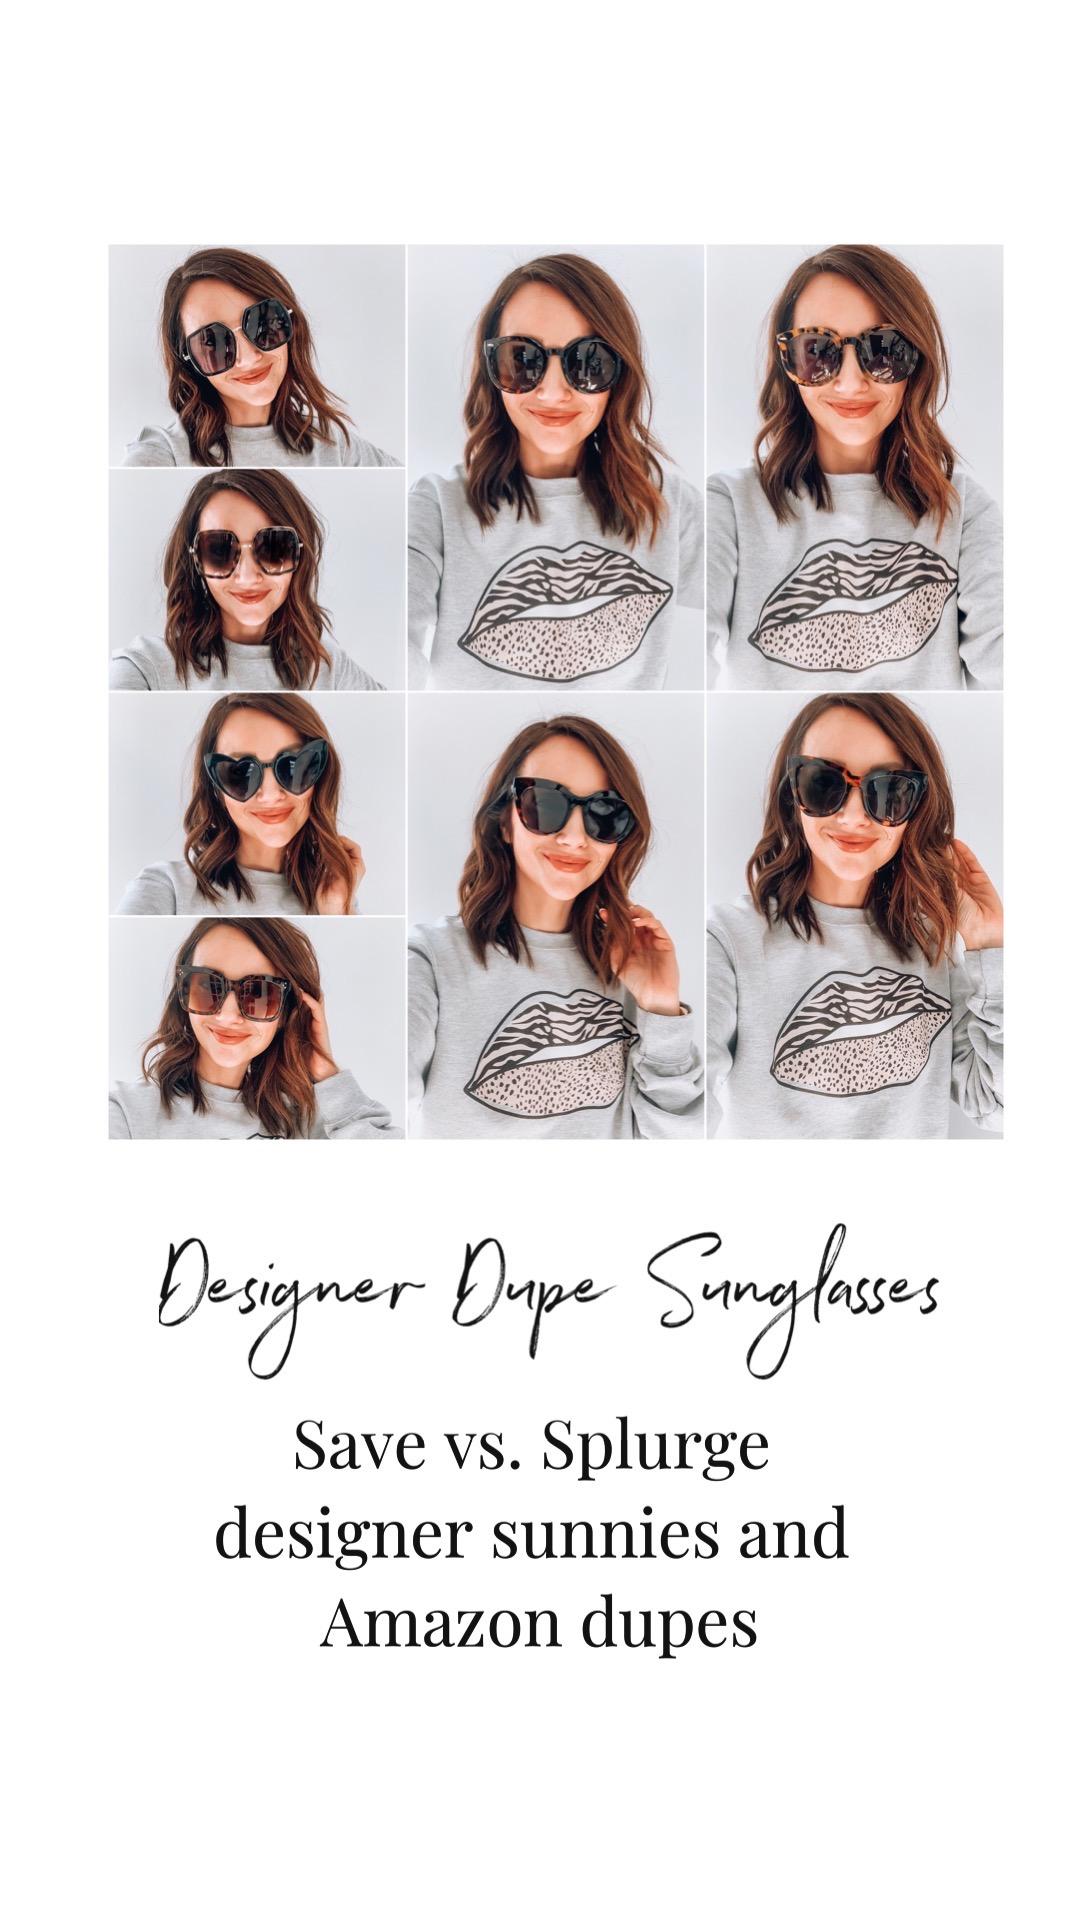 Designer Dupe sunglasses